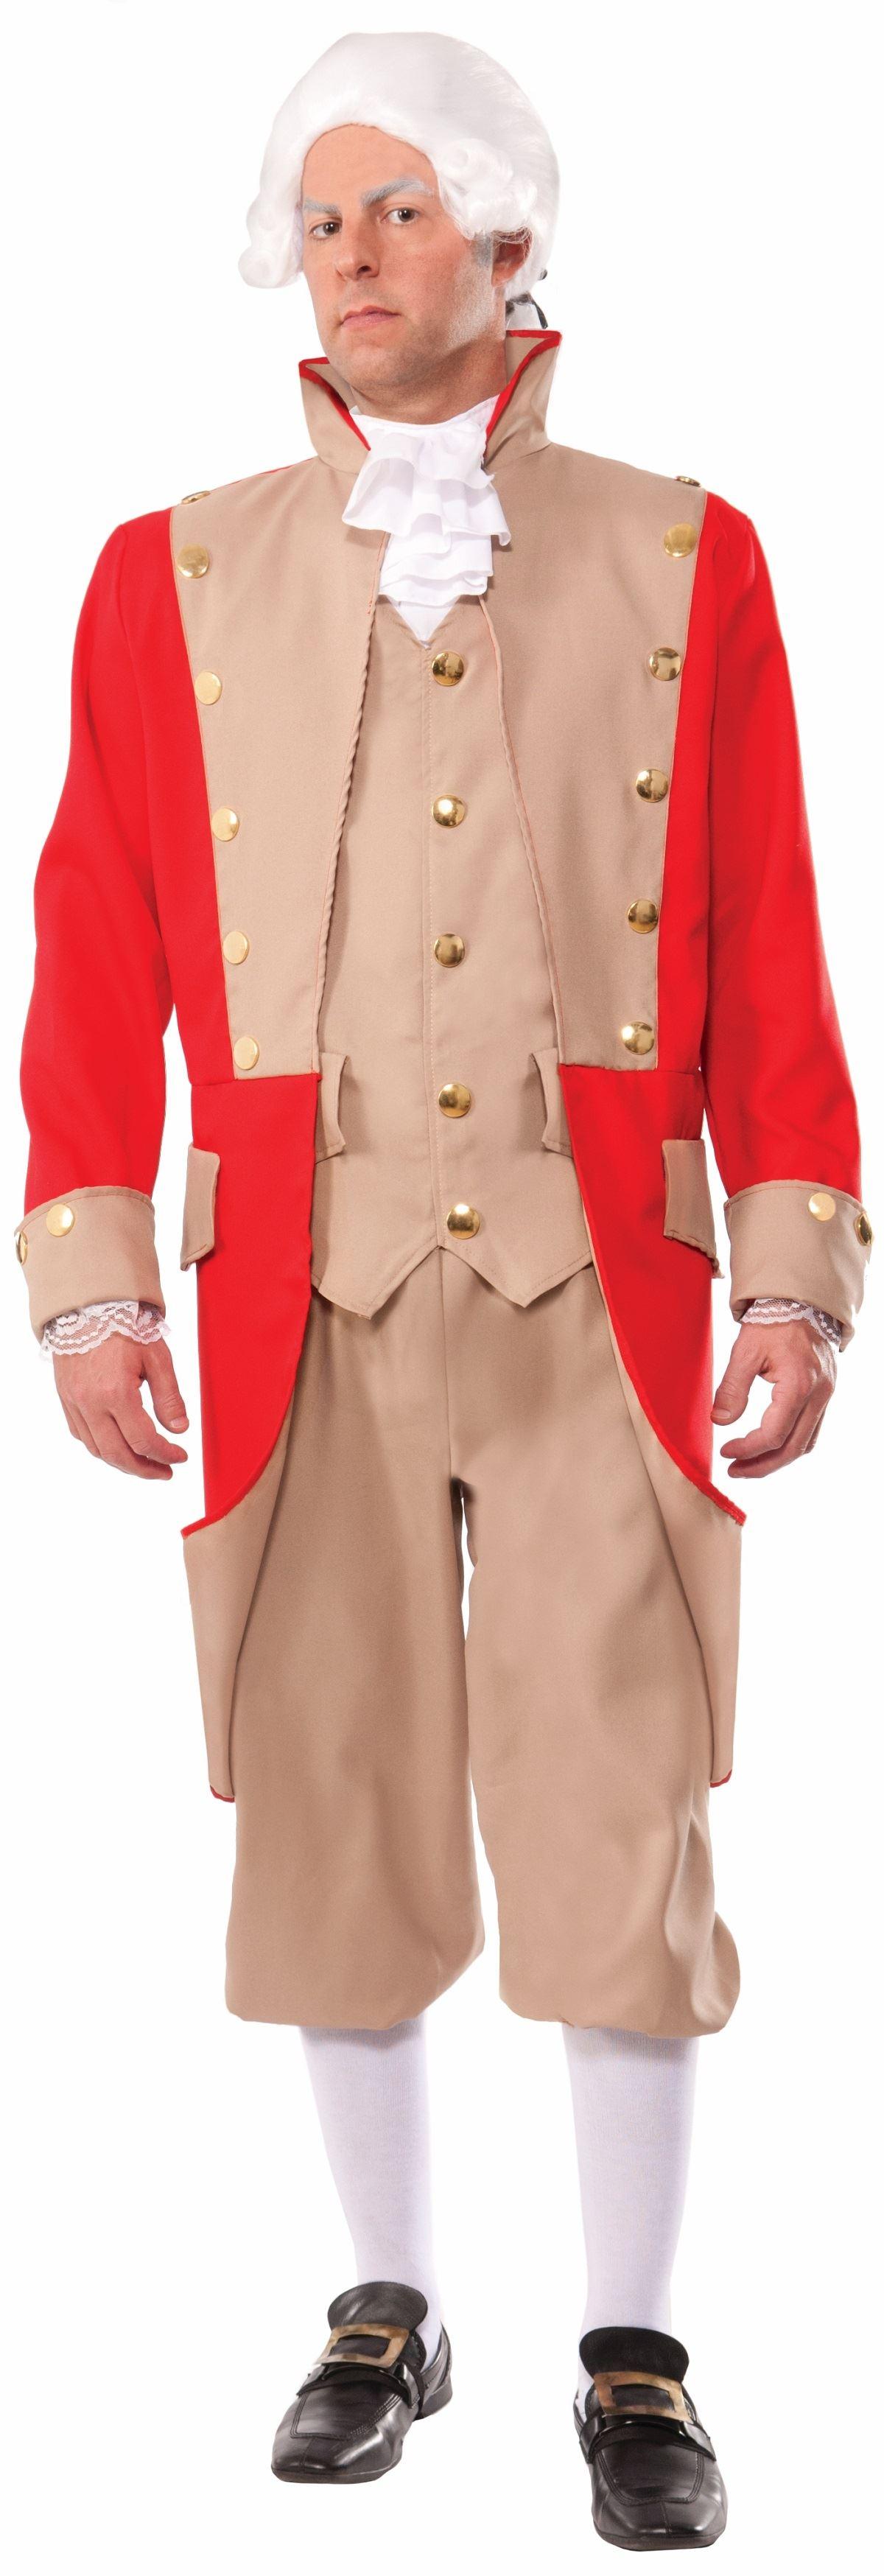 Adult British Red Coat Men General Costume | $65.99 | The Costume Land